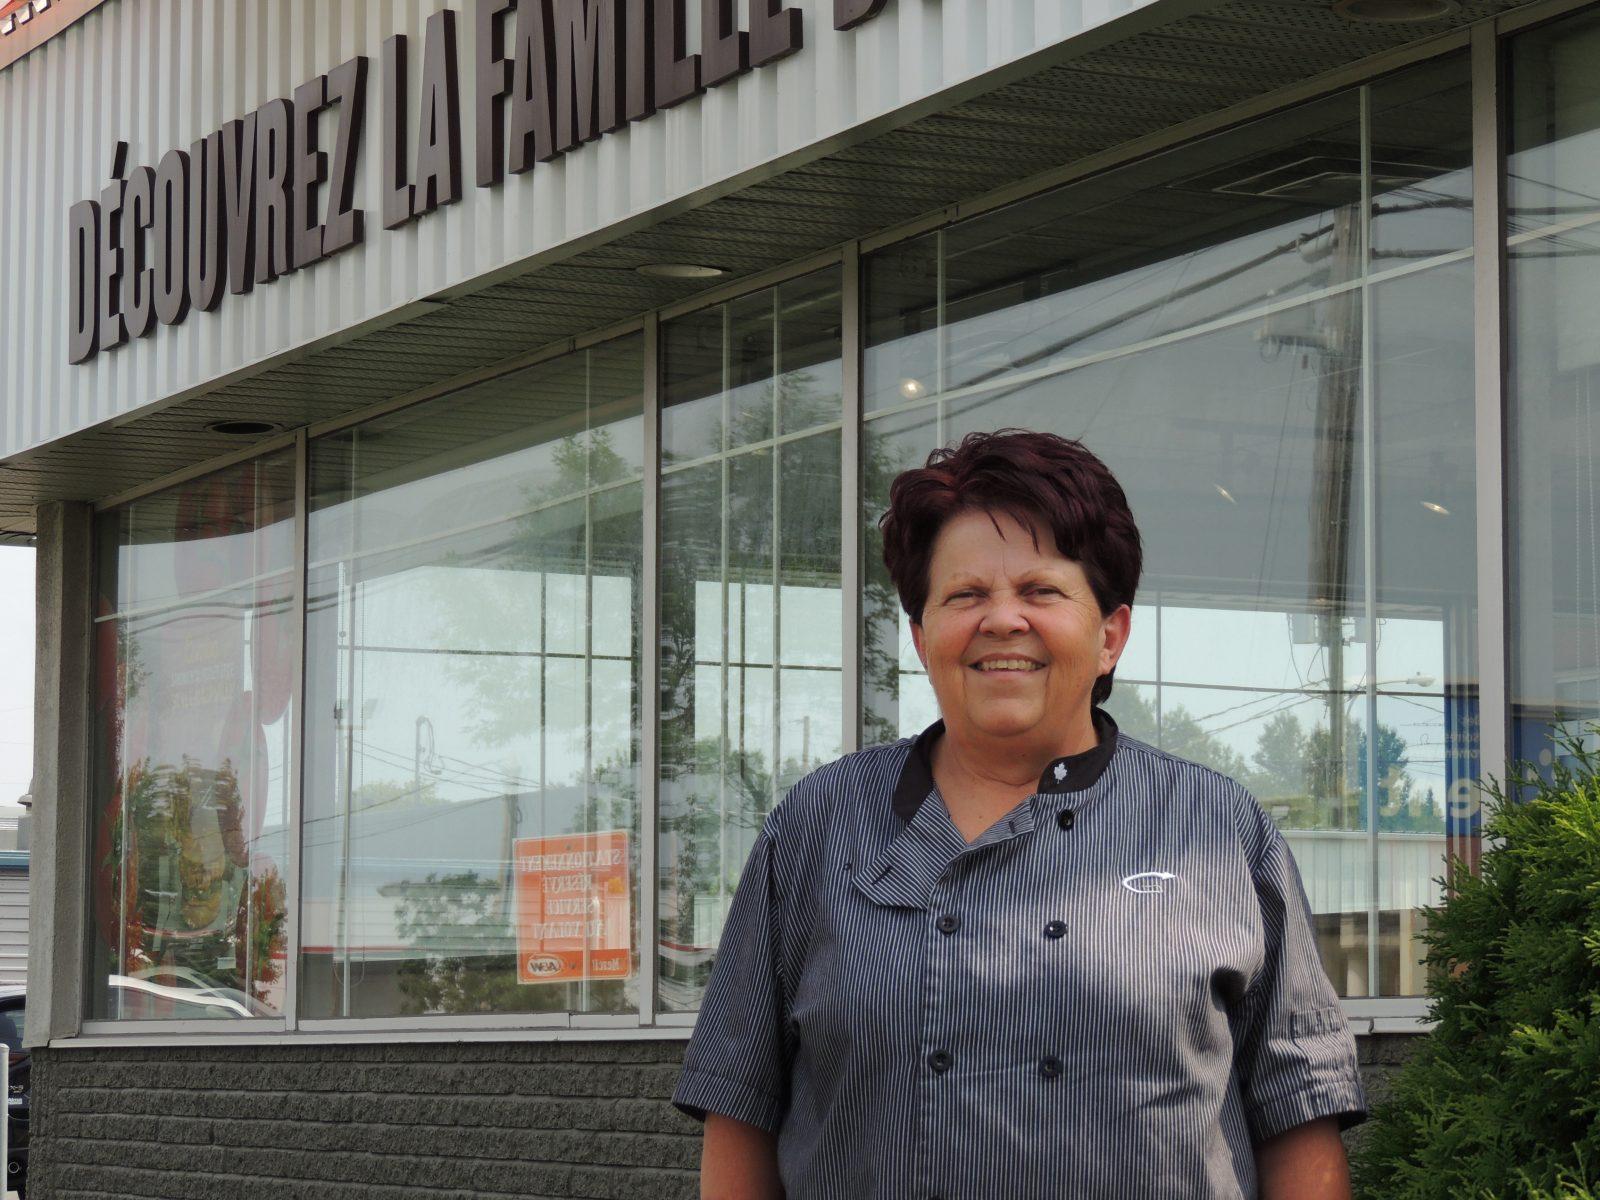 La restauration, Lily D'Amours s'y consacre depuis 36 ans